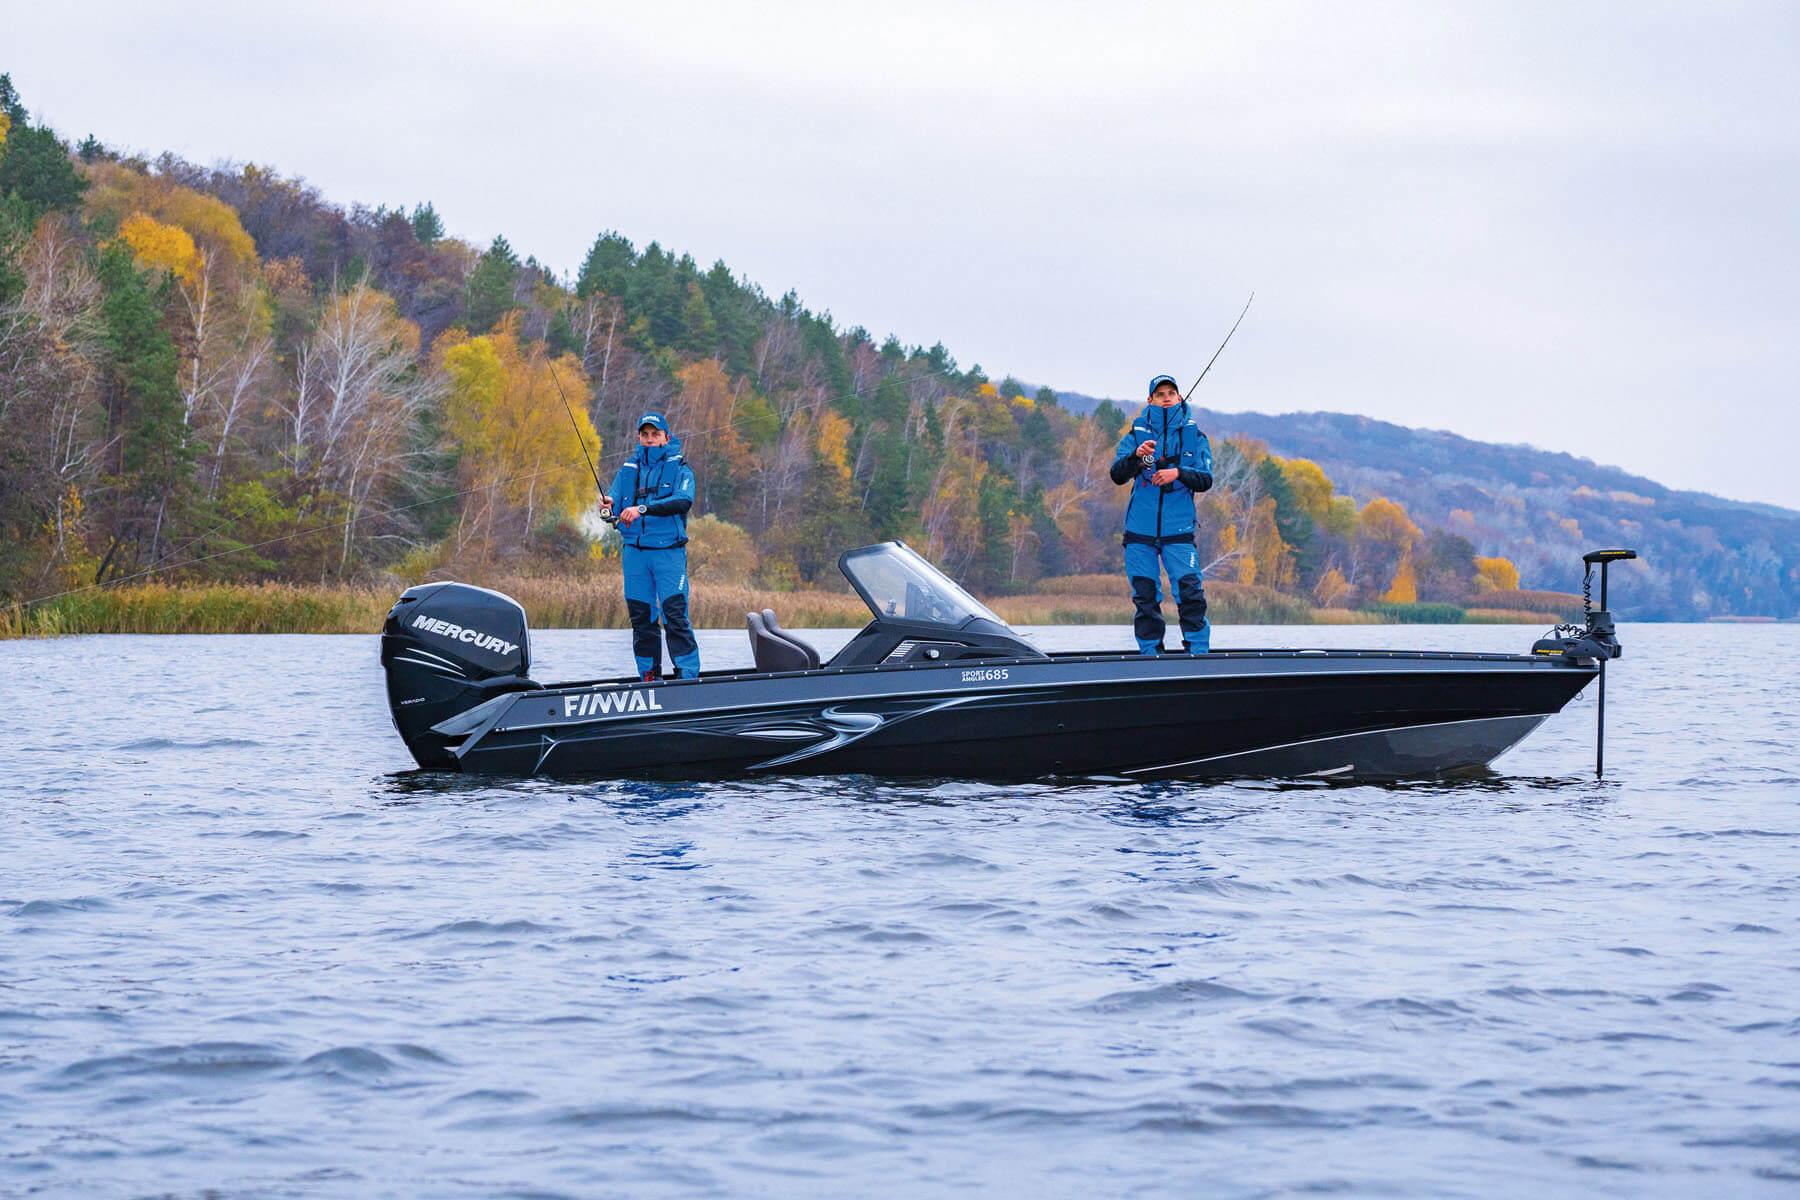 Referencia Finval 685 Sport Angler + Honda BF250, Budapešť